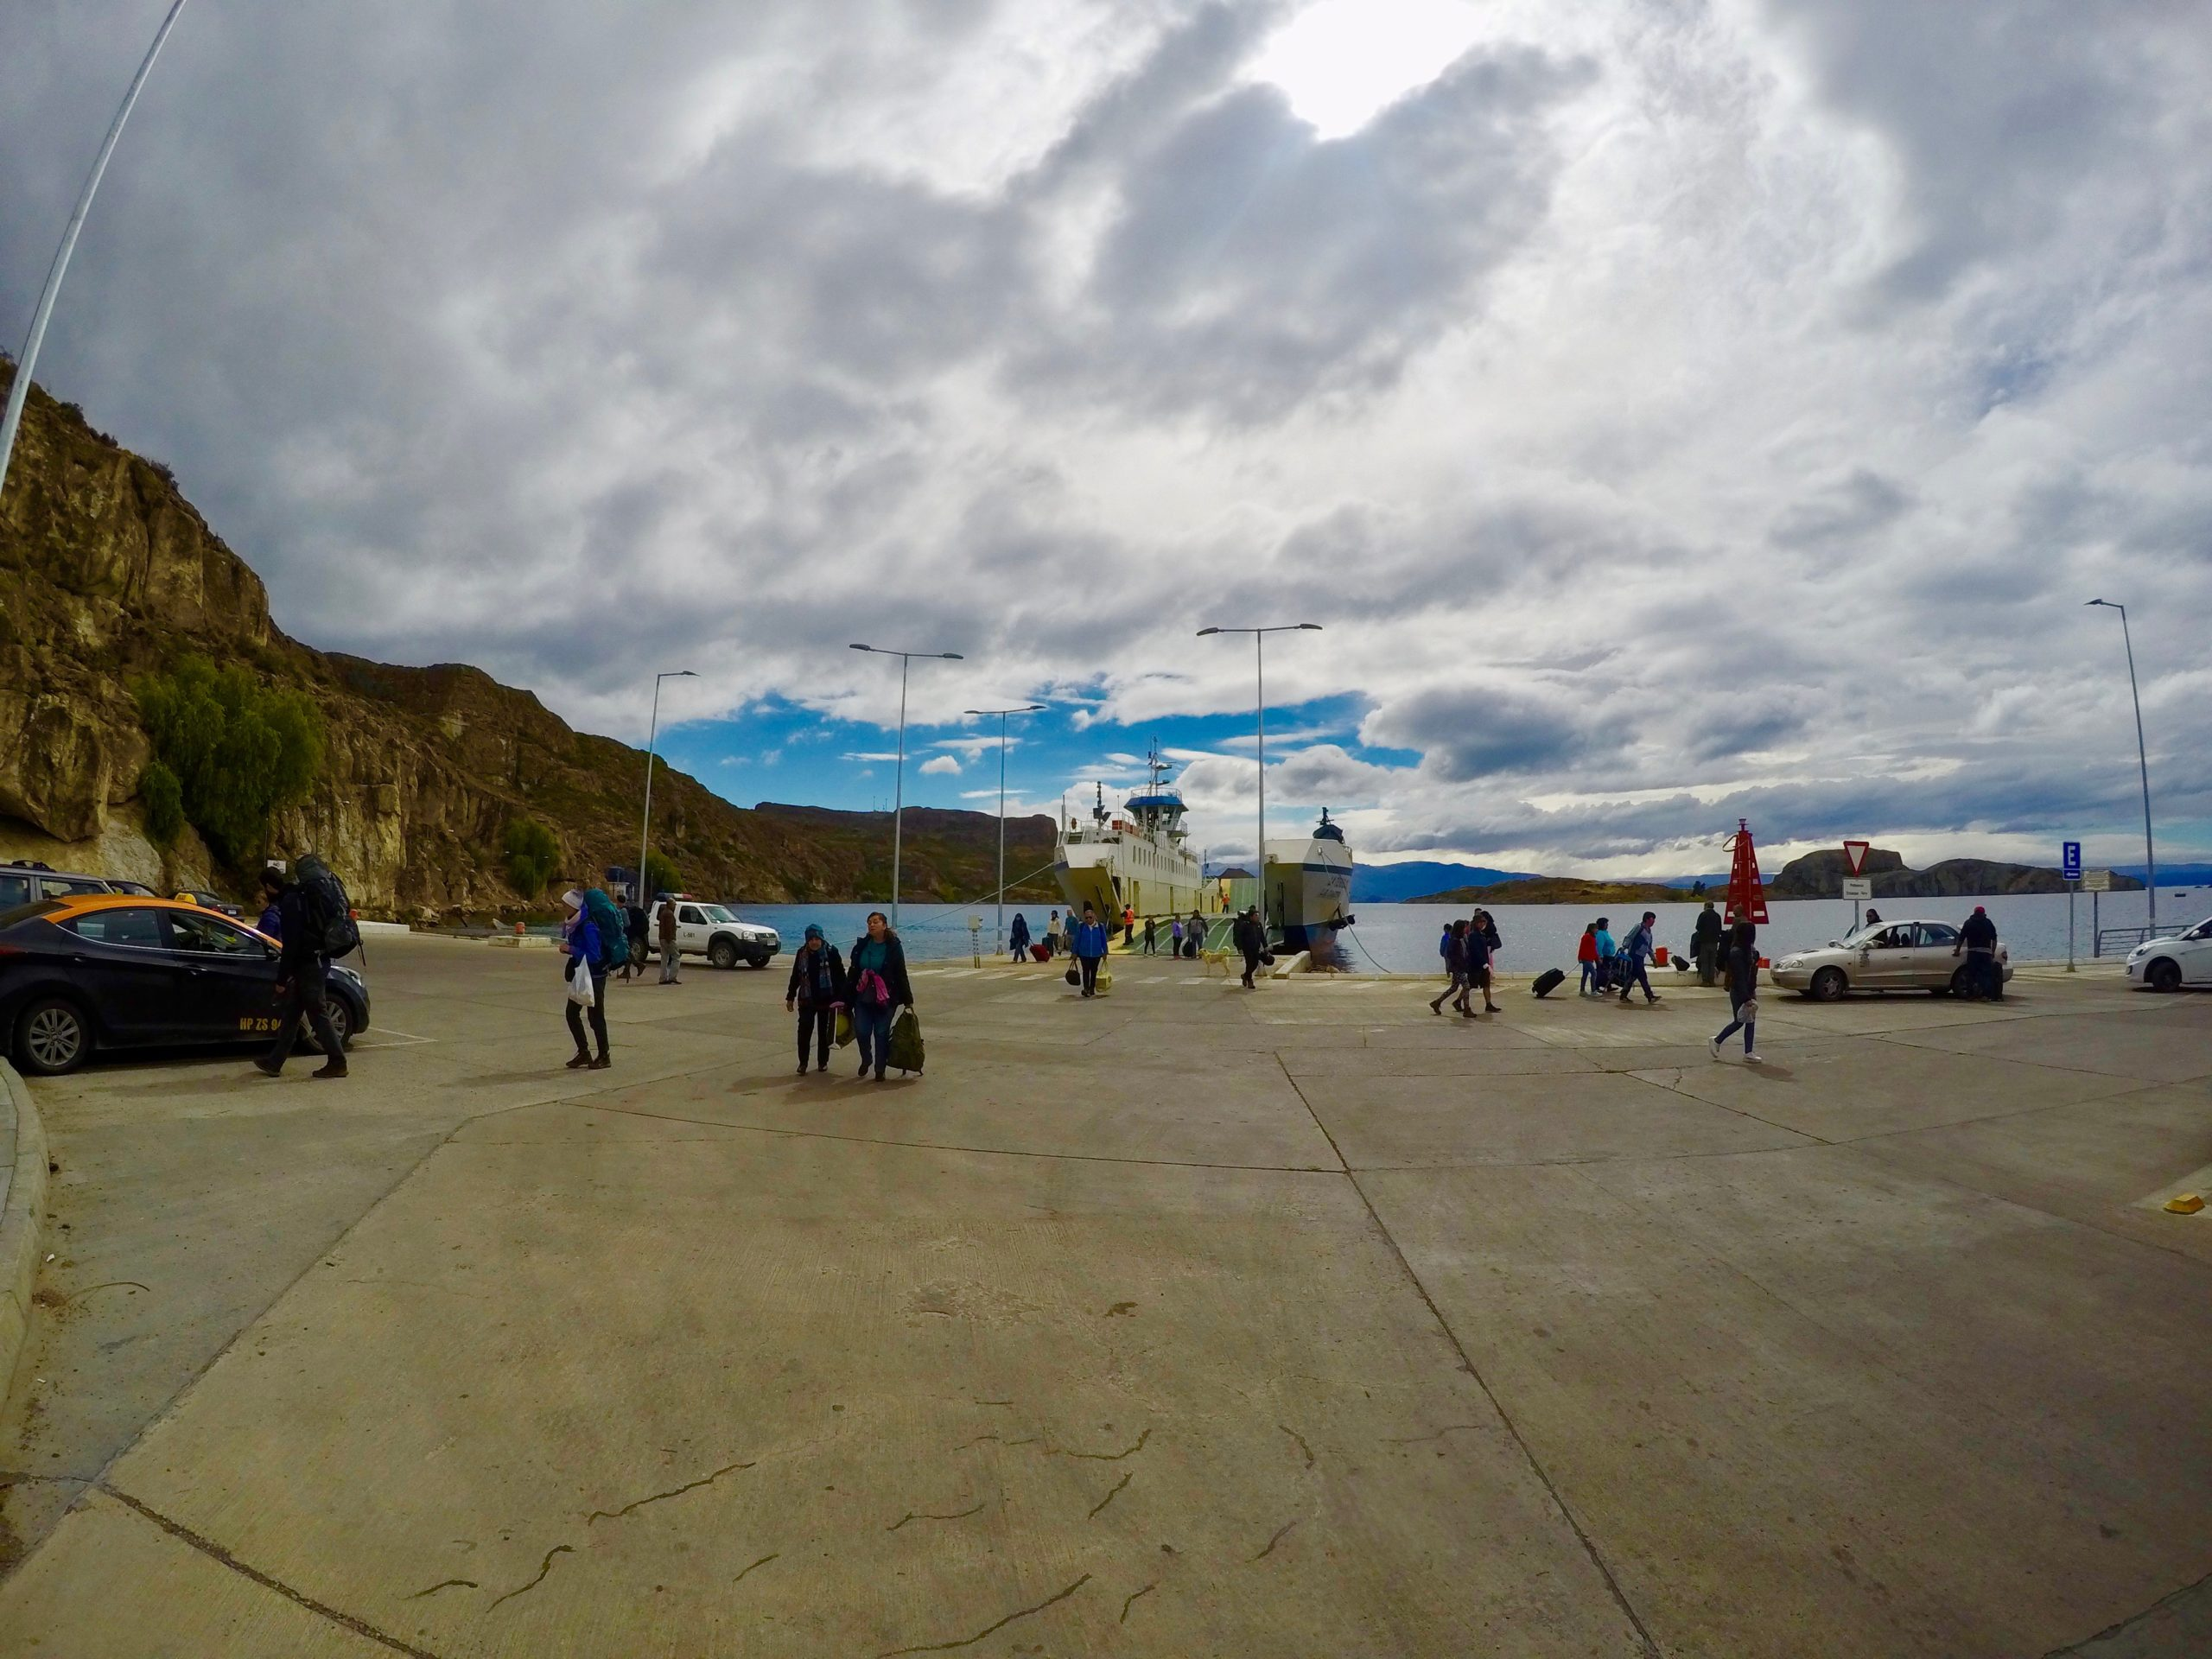 チリ パタゴニア カスティージョ チレチコ ヒッチハイク テント キャンプ ハイキング